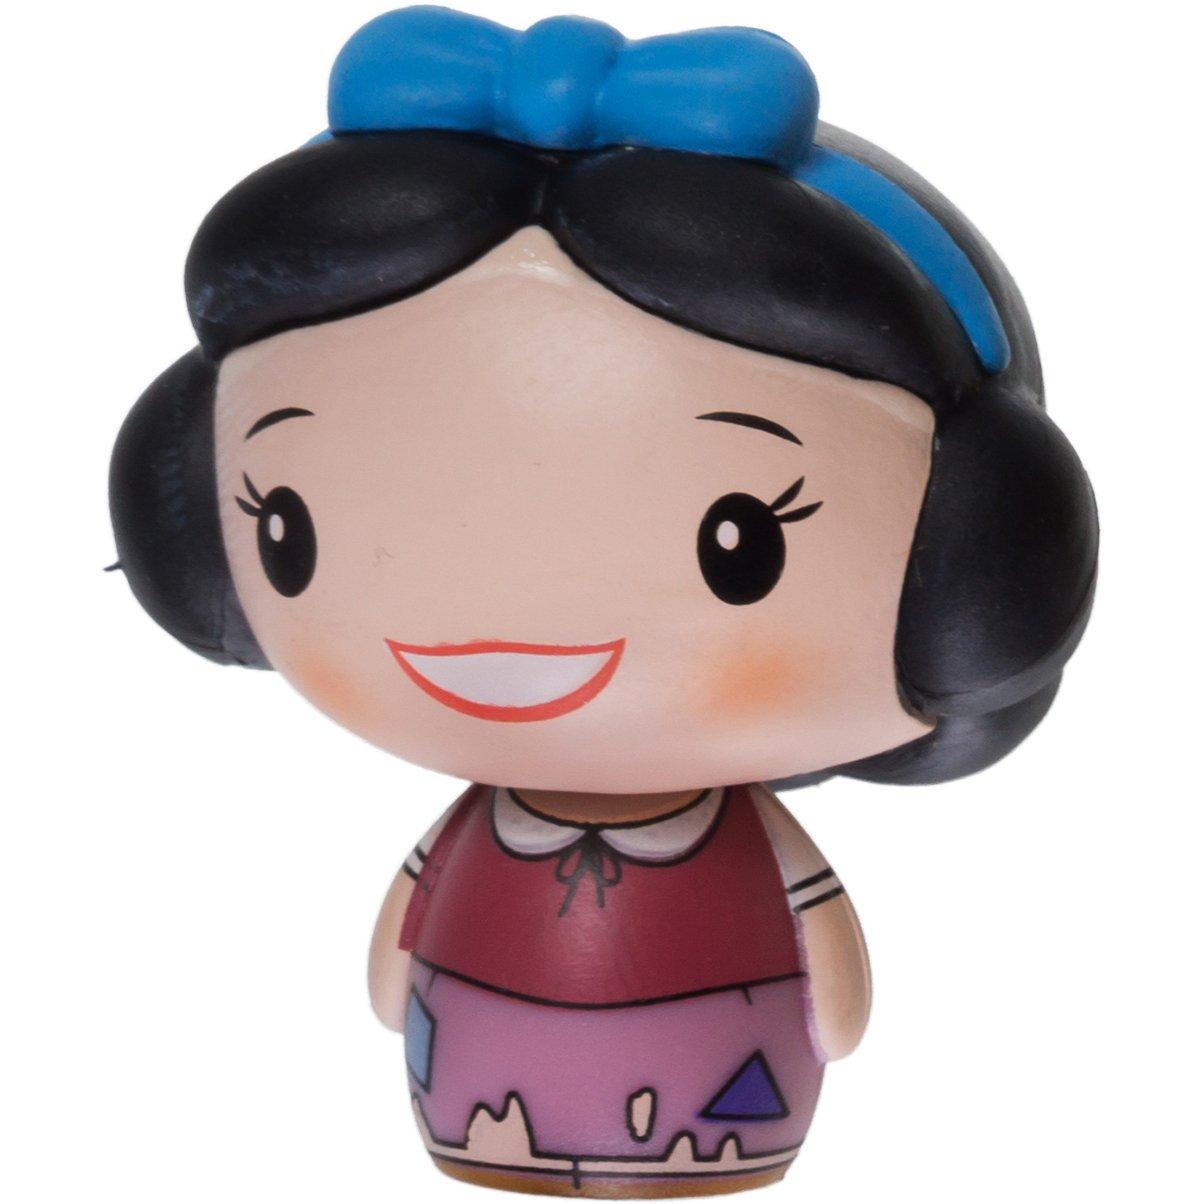 Pink Dress Snow White Micro Vinyl Figure Funko Snow White 21217 Pint Size Heroes x Disney